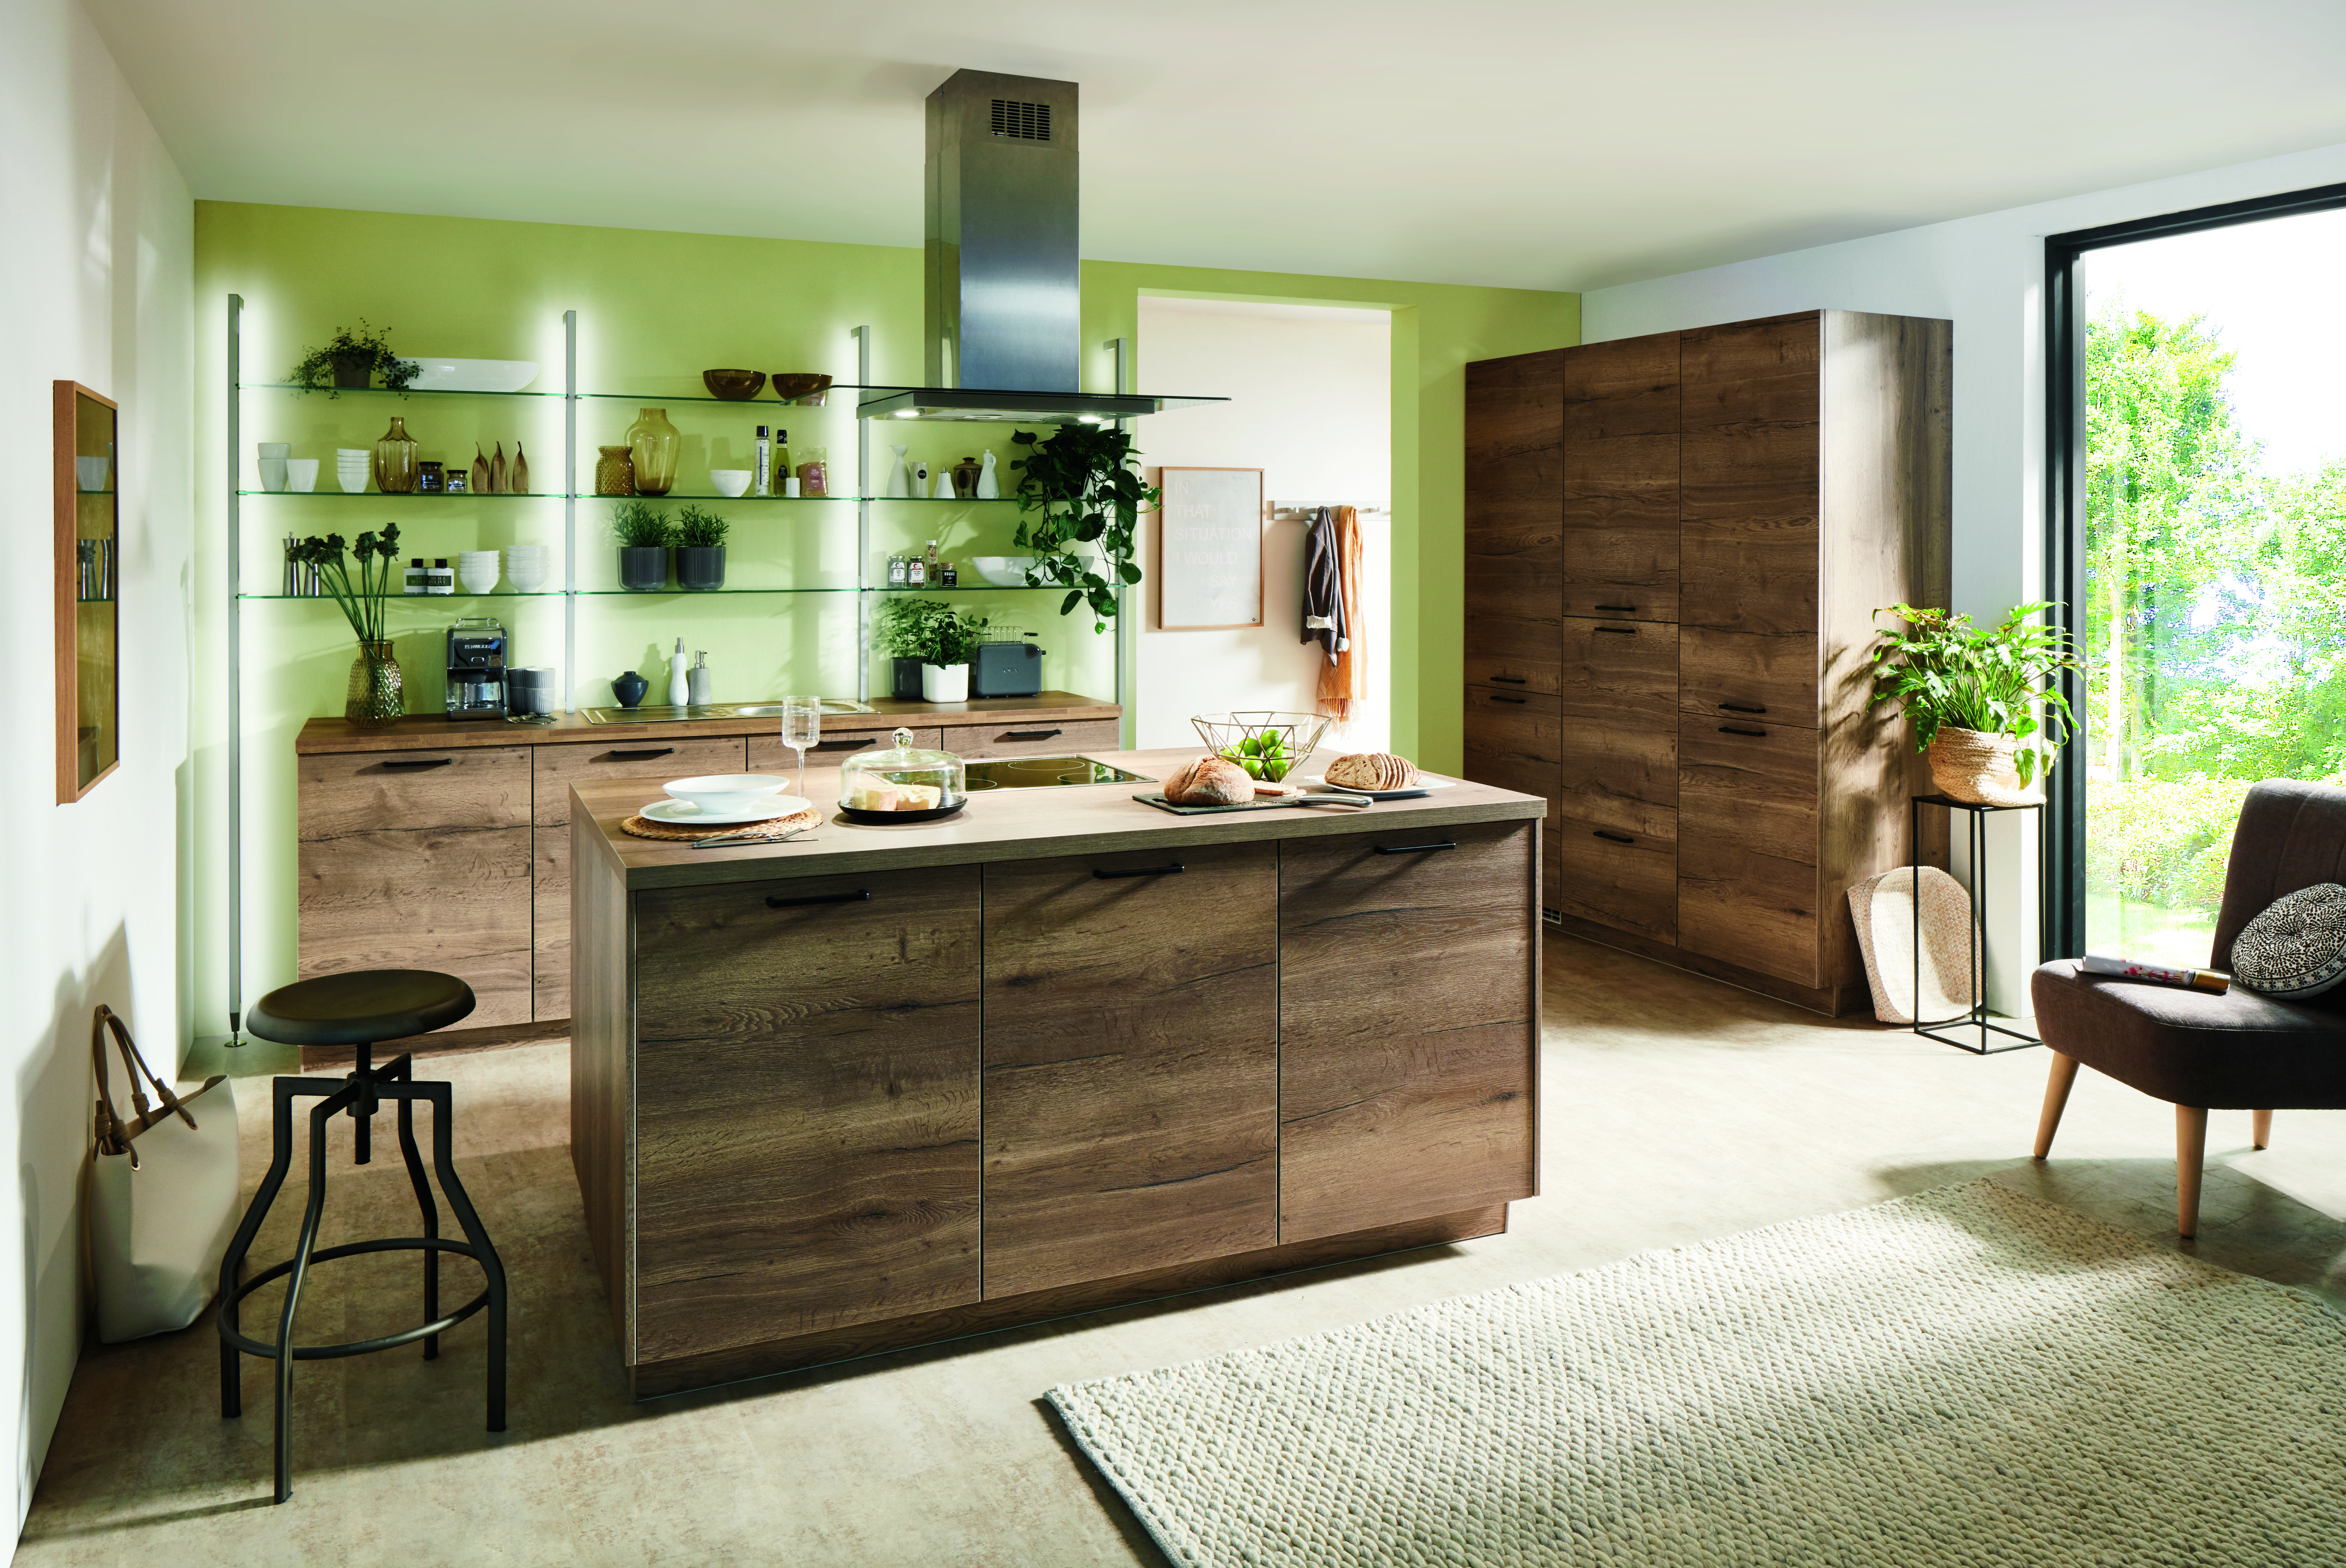 Merveilleux Die Verarbeitung Von Holz Entstammt Dem Skandinavischem Einrichtungsstil:  Hier Werden Küchen Schon Seit Vielen Jahren ...